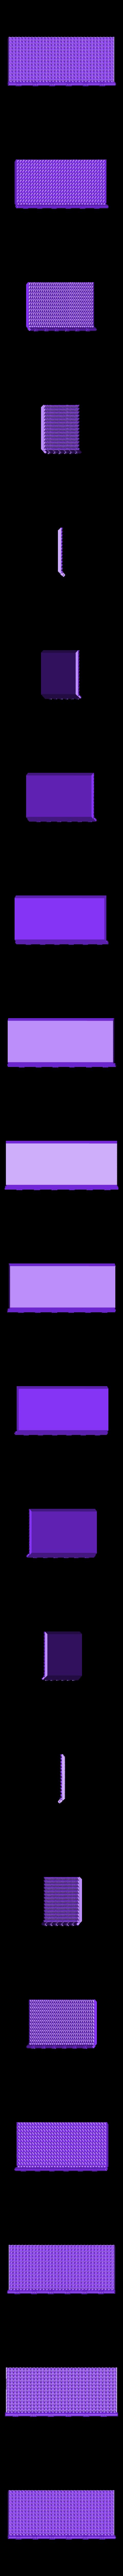 HlfCottageRoofA15mm.stl Télécharger fichier STL gratuit Cottage médiéval (échelle de 15 mm) • Objet à imprimer en 3D, Dutchmogul